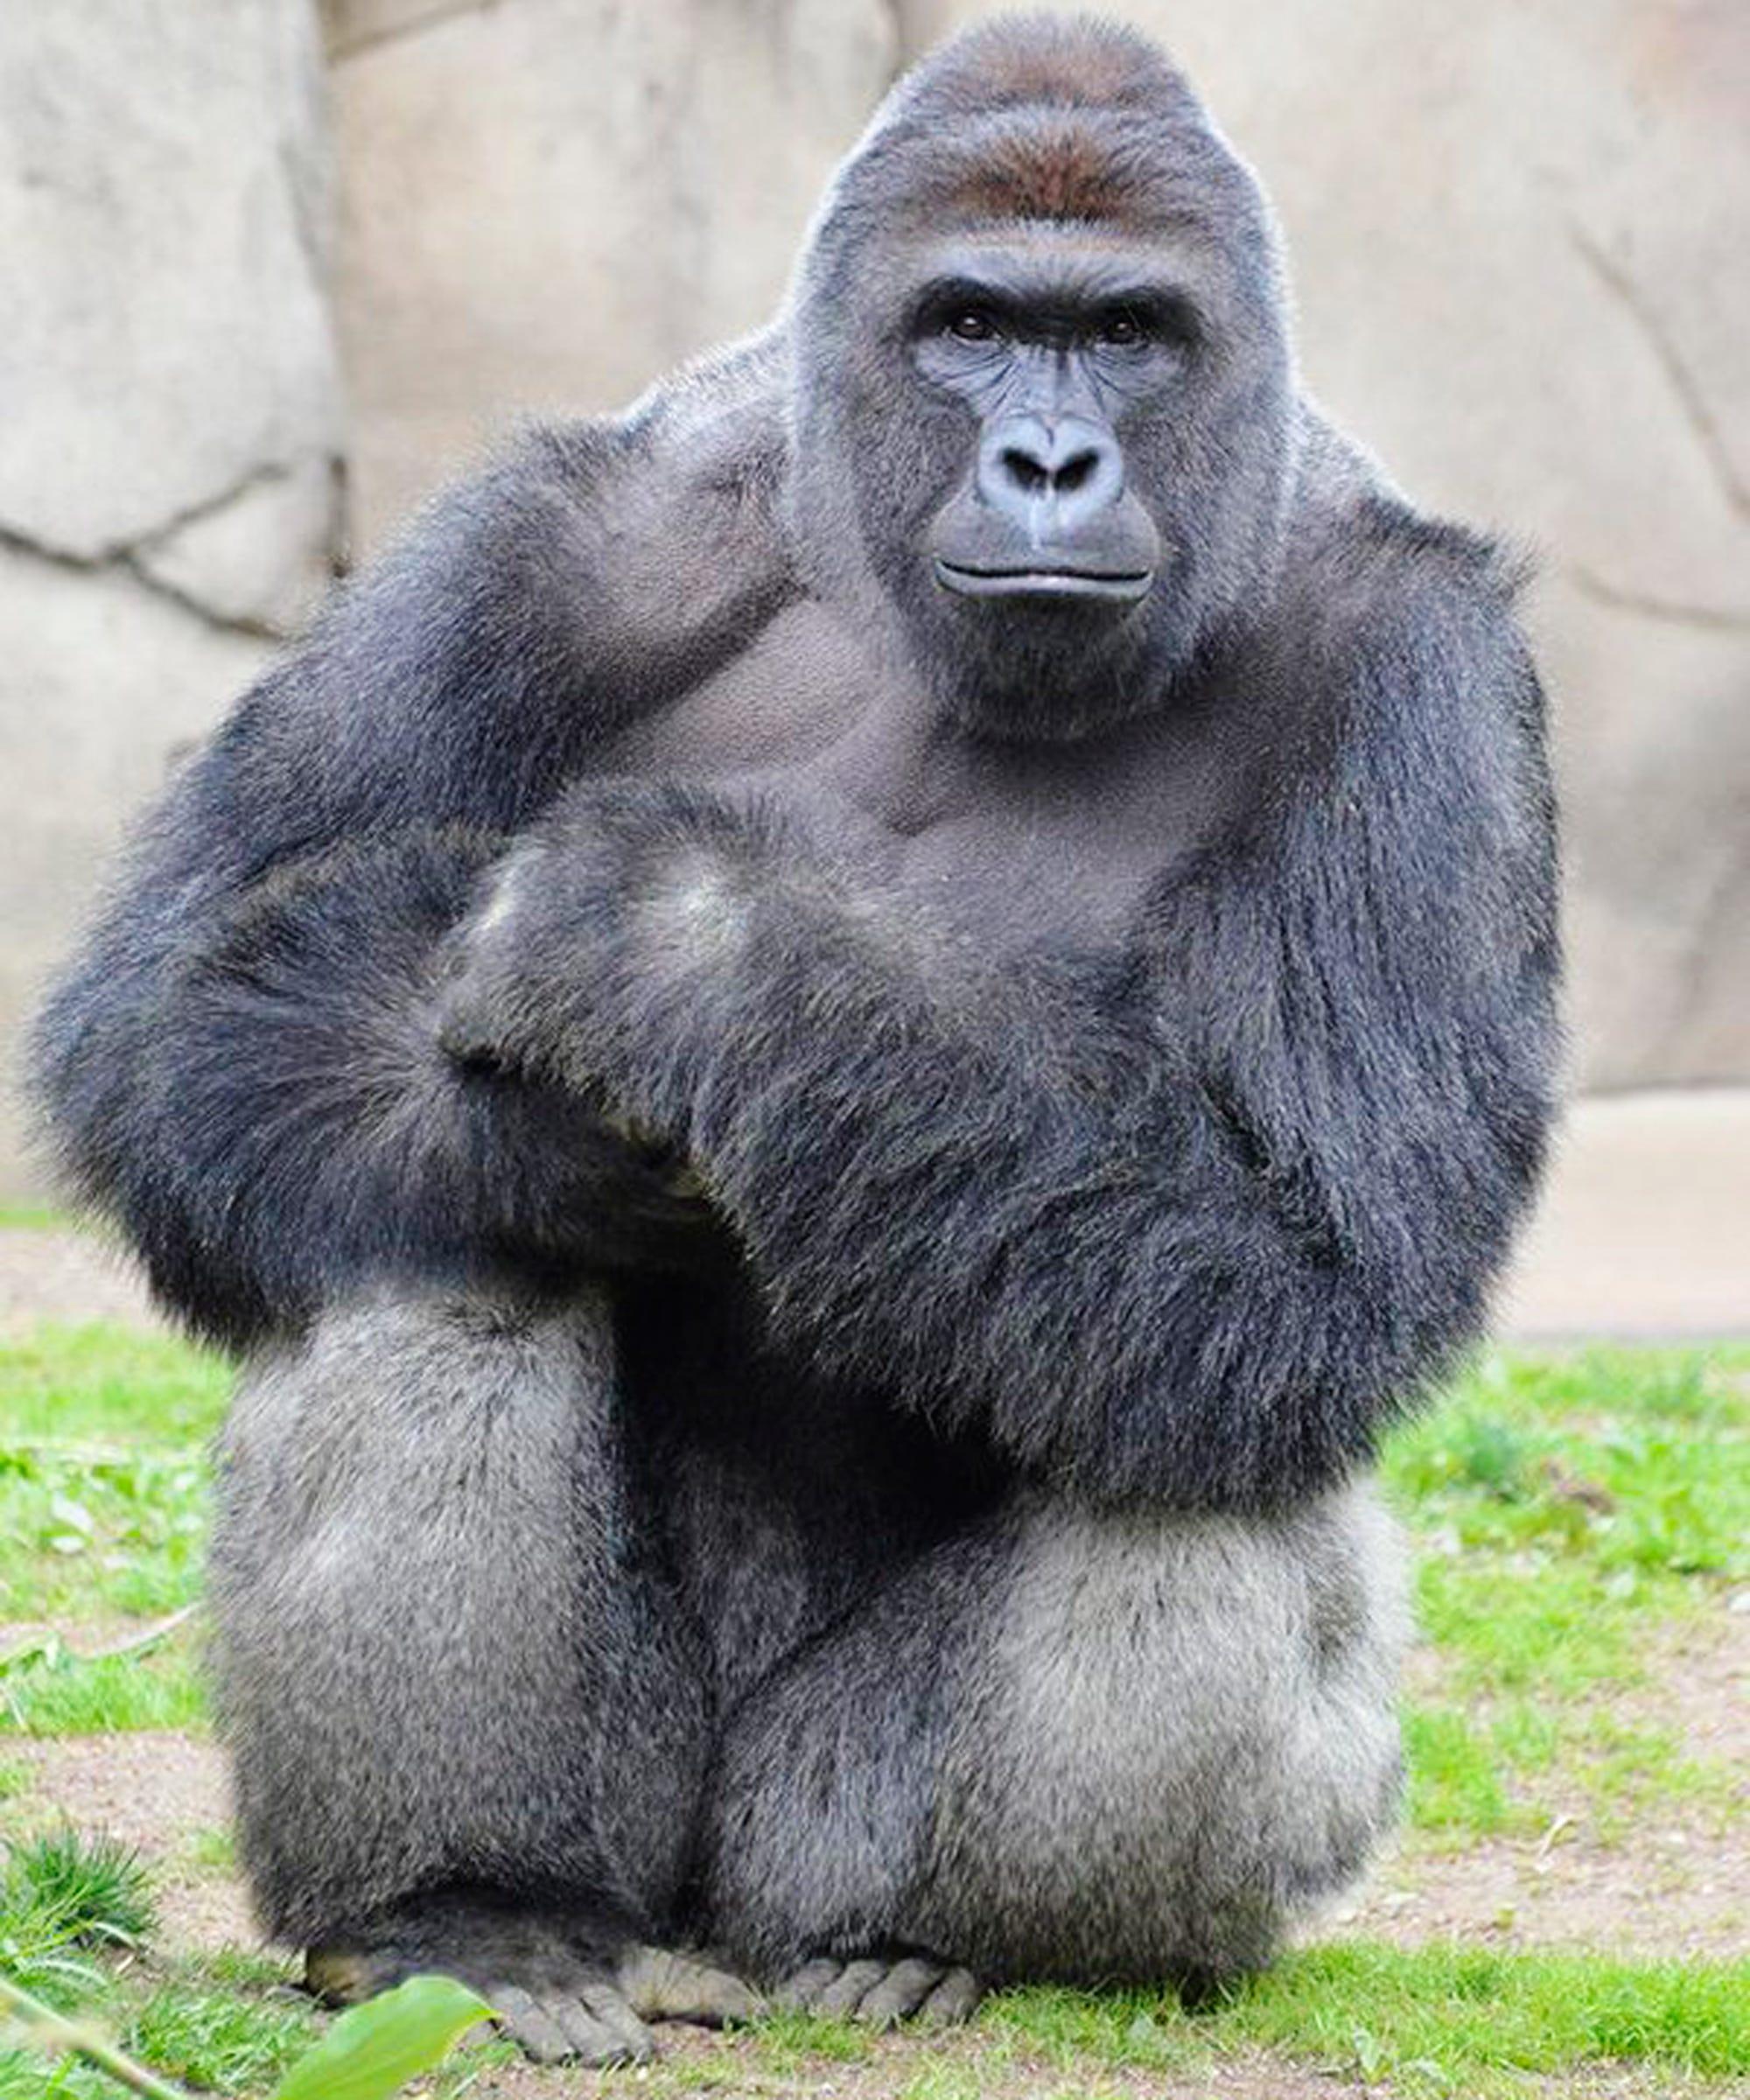 harambe memes petitions cincinnati zoo not amused